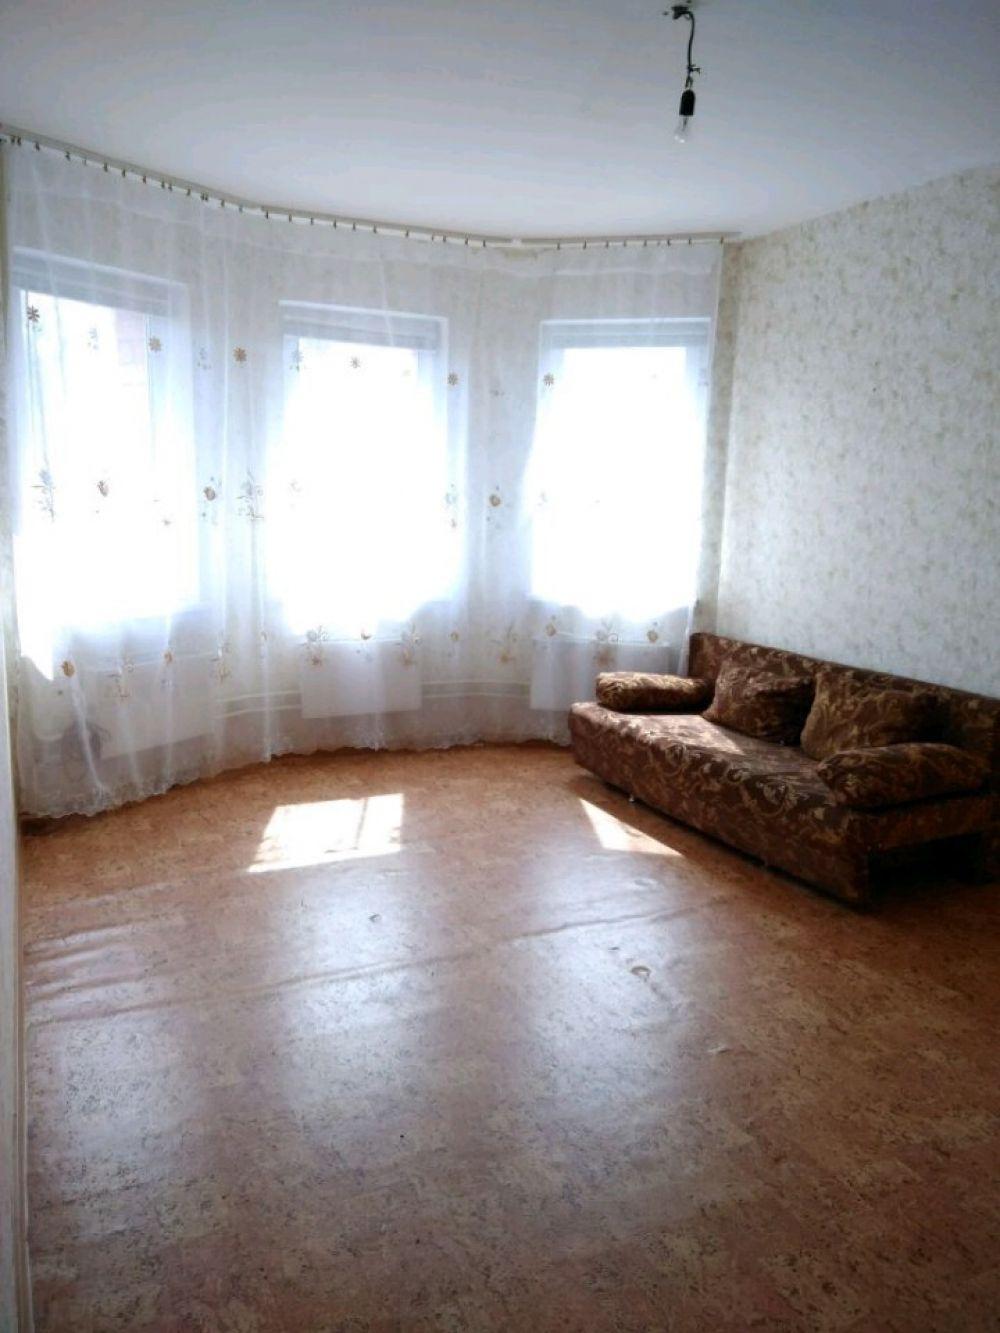 Однокомнатная квартира Московская область г. Королев, ул Мичурина, д. 27 корп. 7, фото 2